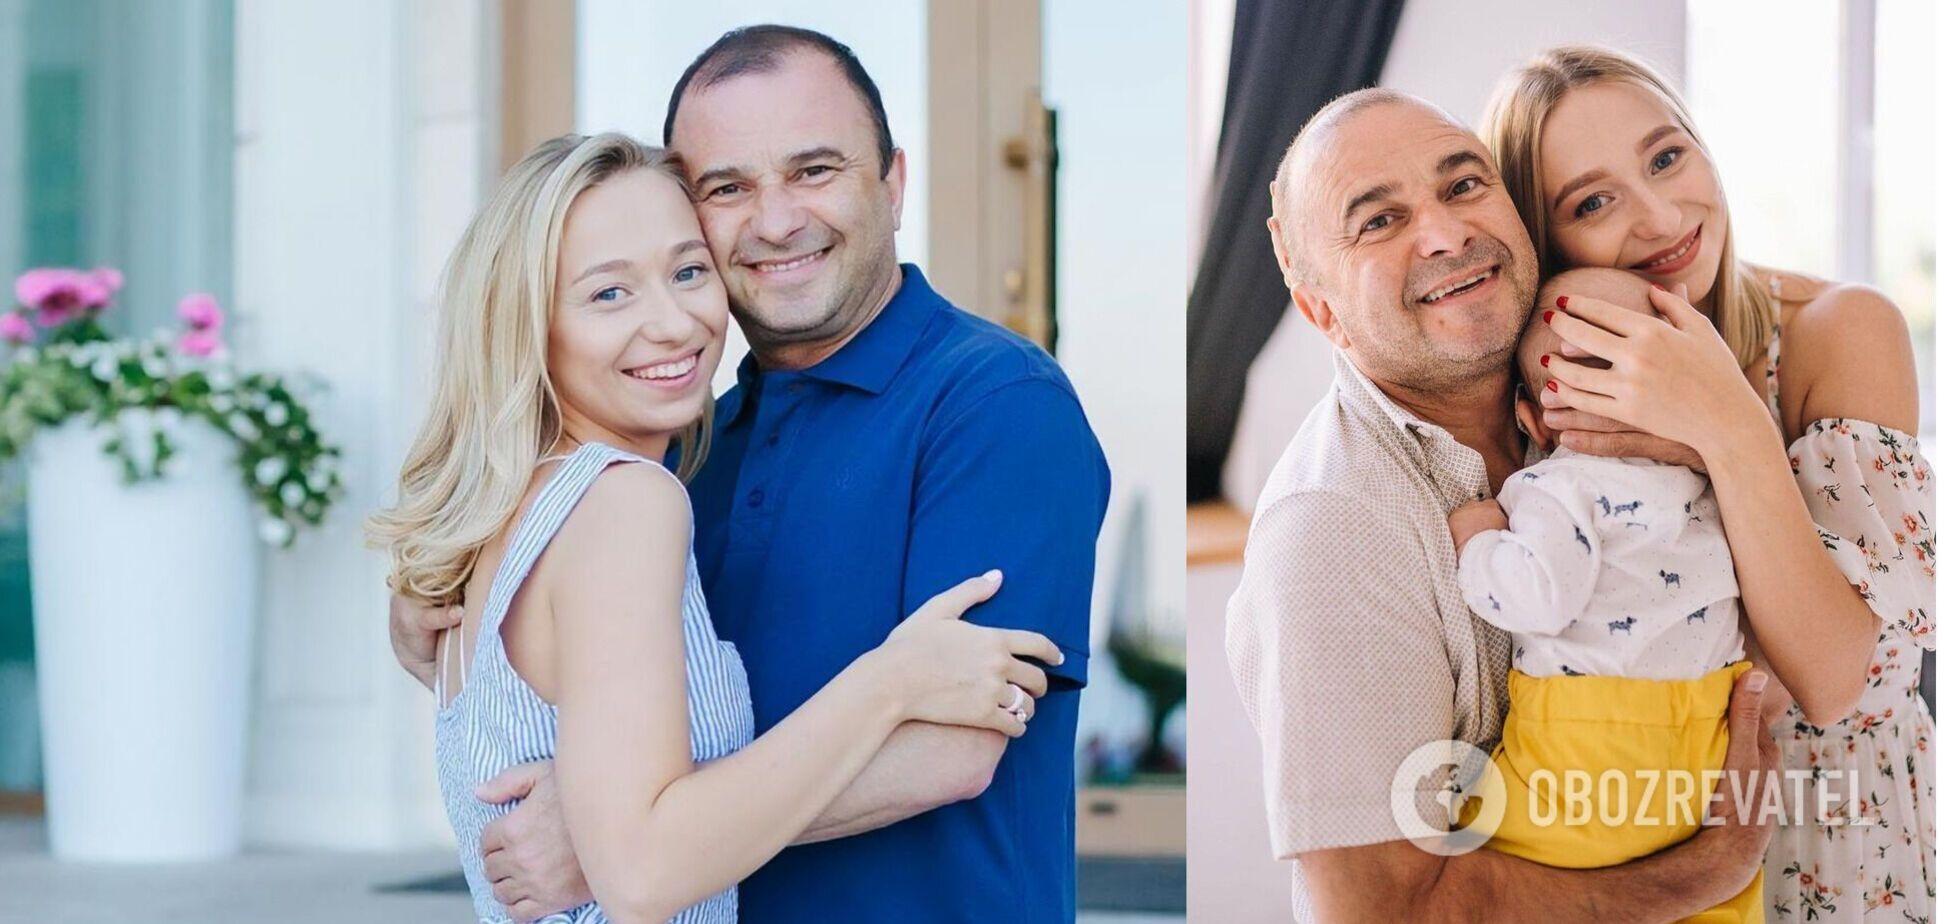 Виктор Павлик с женой впервые показали лицо сына. Фото